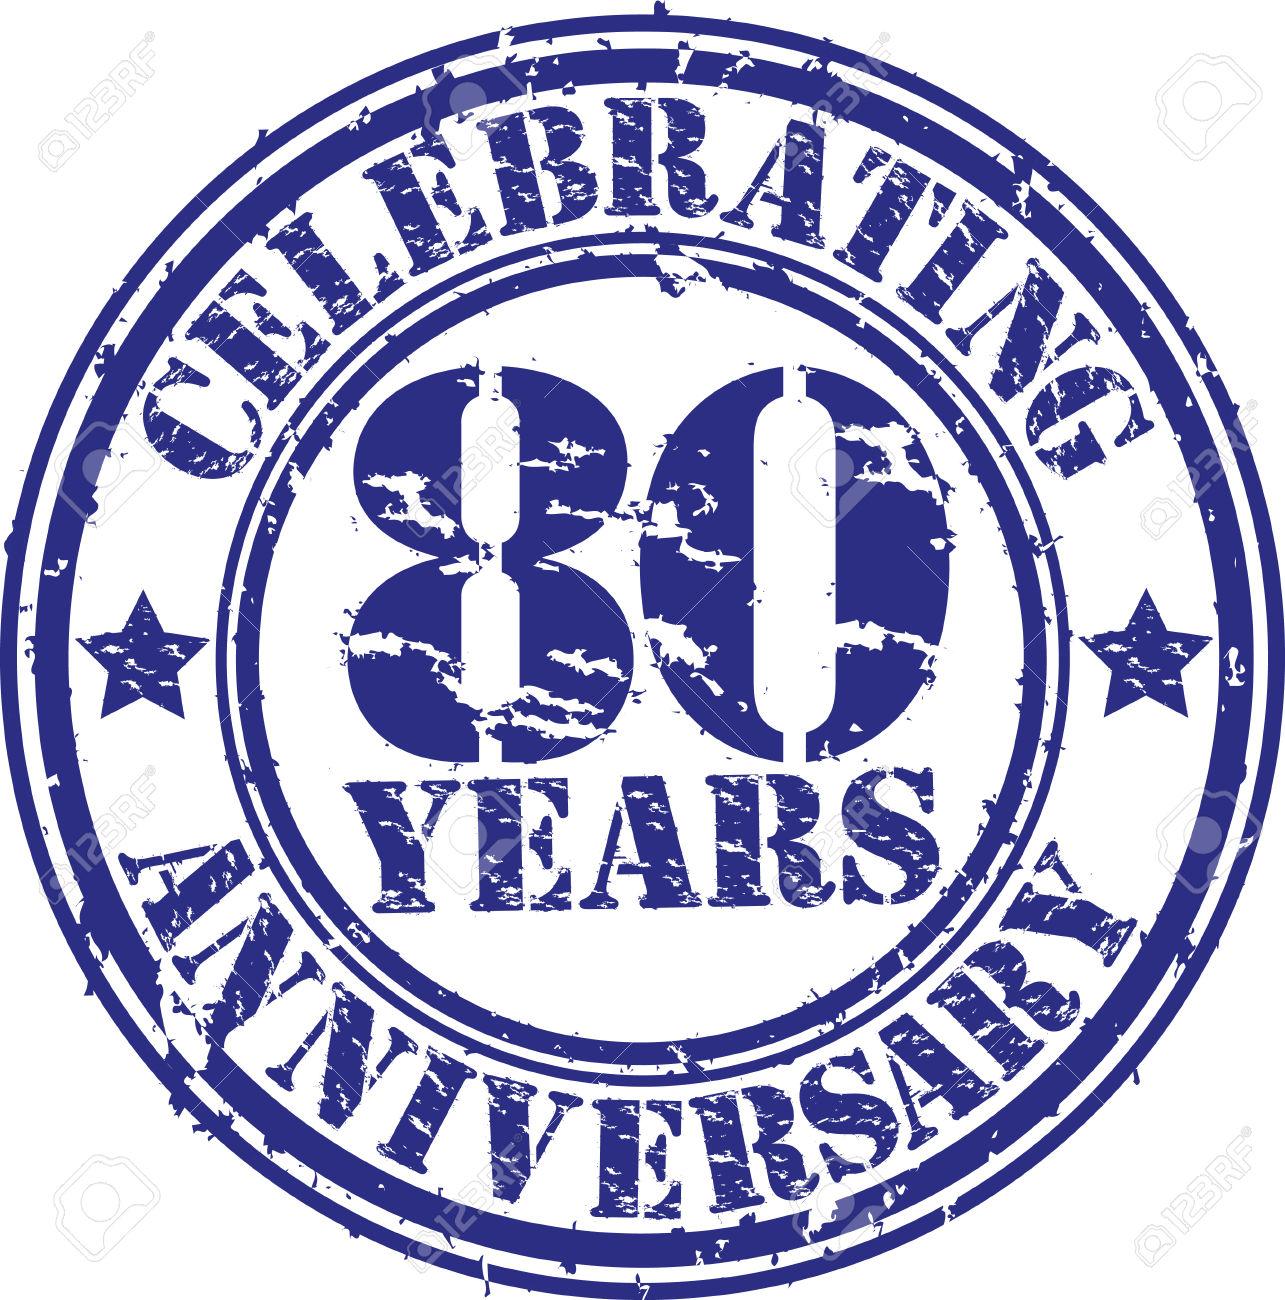 80 ans clipart png free download Célébration De 80 Ans D'anniversaire Timbre En Caoutchouc Grunge ... png free download